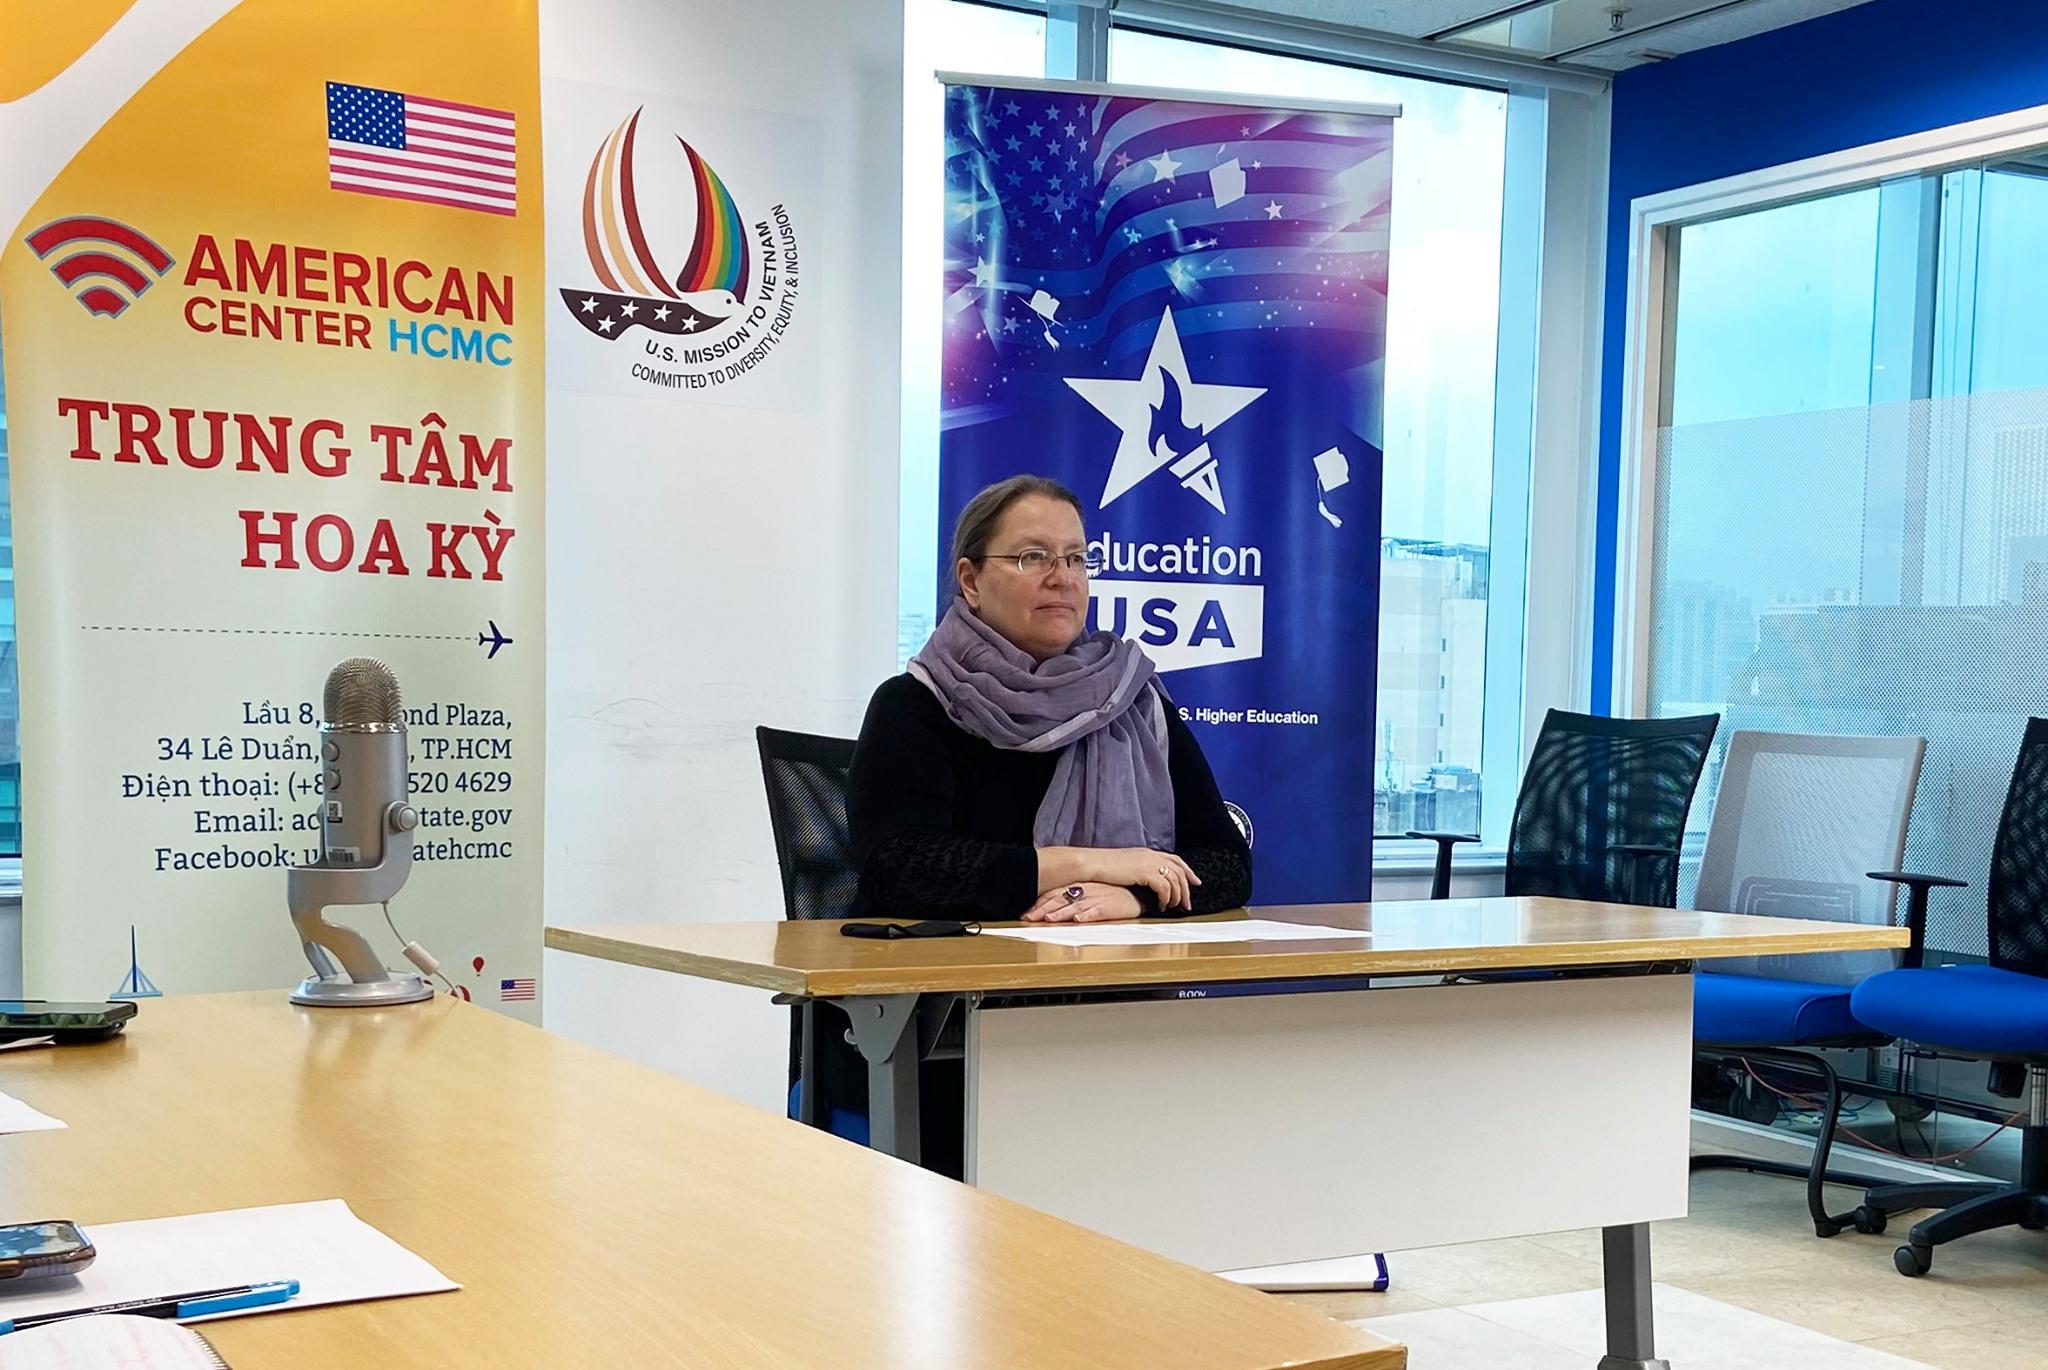 Tổng lãnh sự Mỹ tại TP HCM Marie Damour dự buỗi lễ tiếp nhận máy xét nghiệm Realtime RT-PCR từ Đại sứ quán Mỹ đến tỉnh Phú Yên vào chiều 20/8. Ảnh: Tổng lãnh sự quán Mỹ TP HCM.